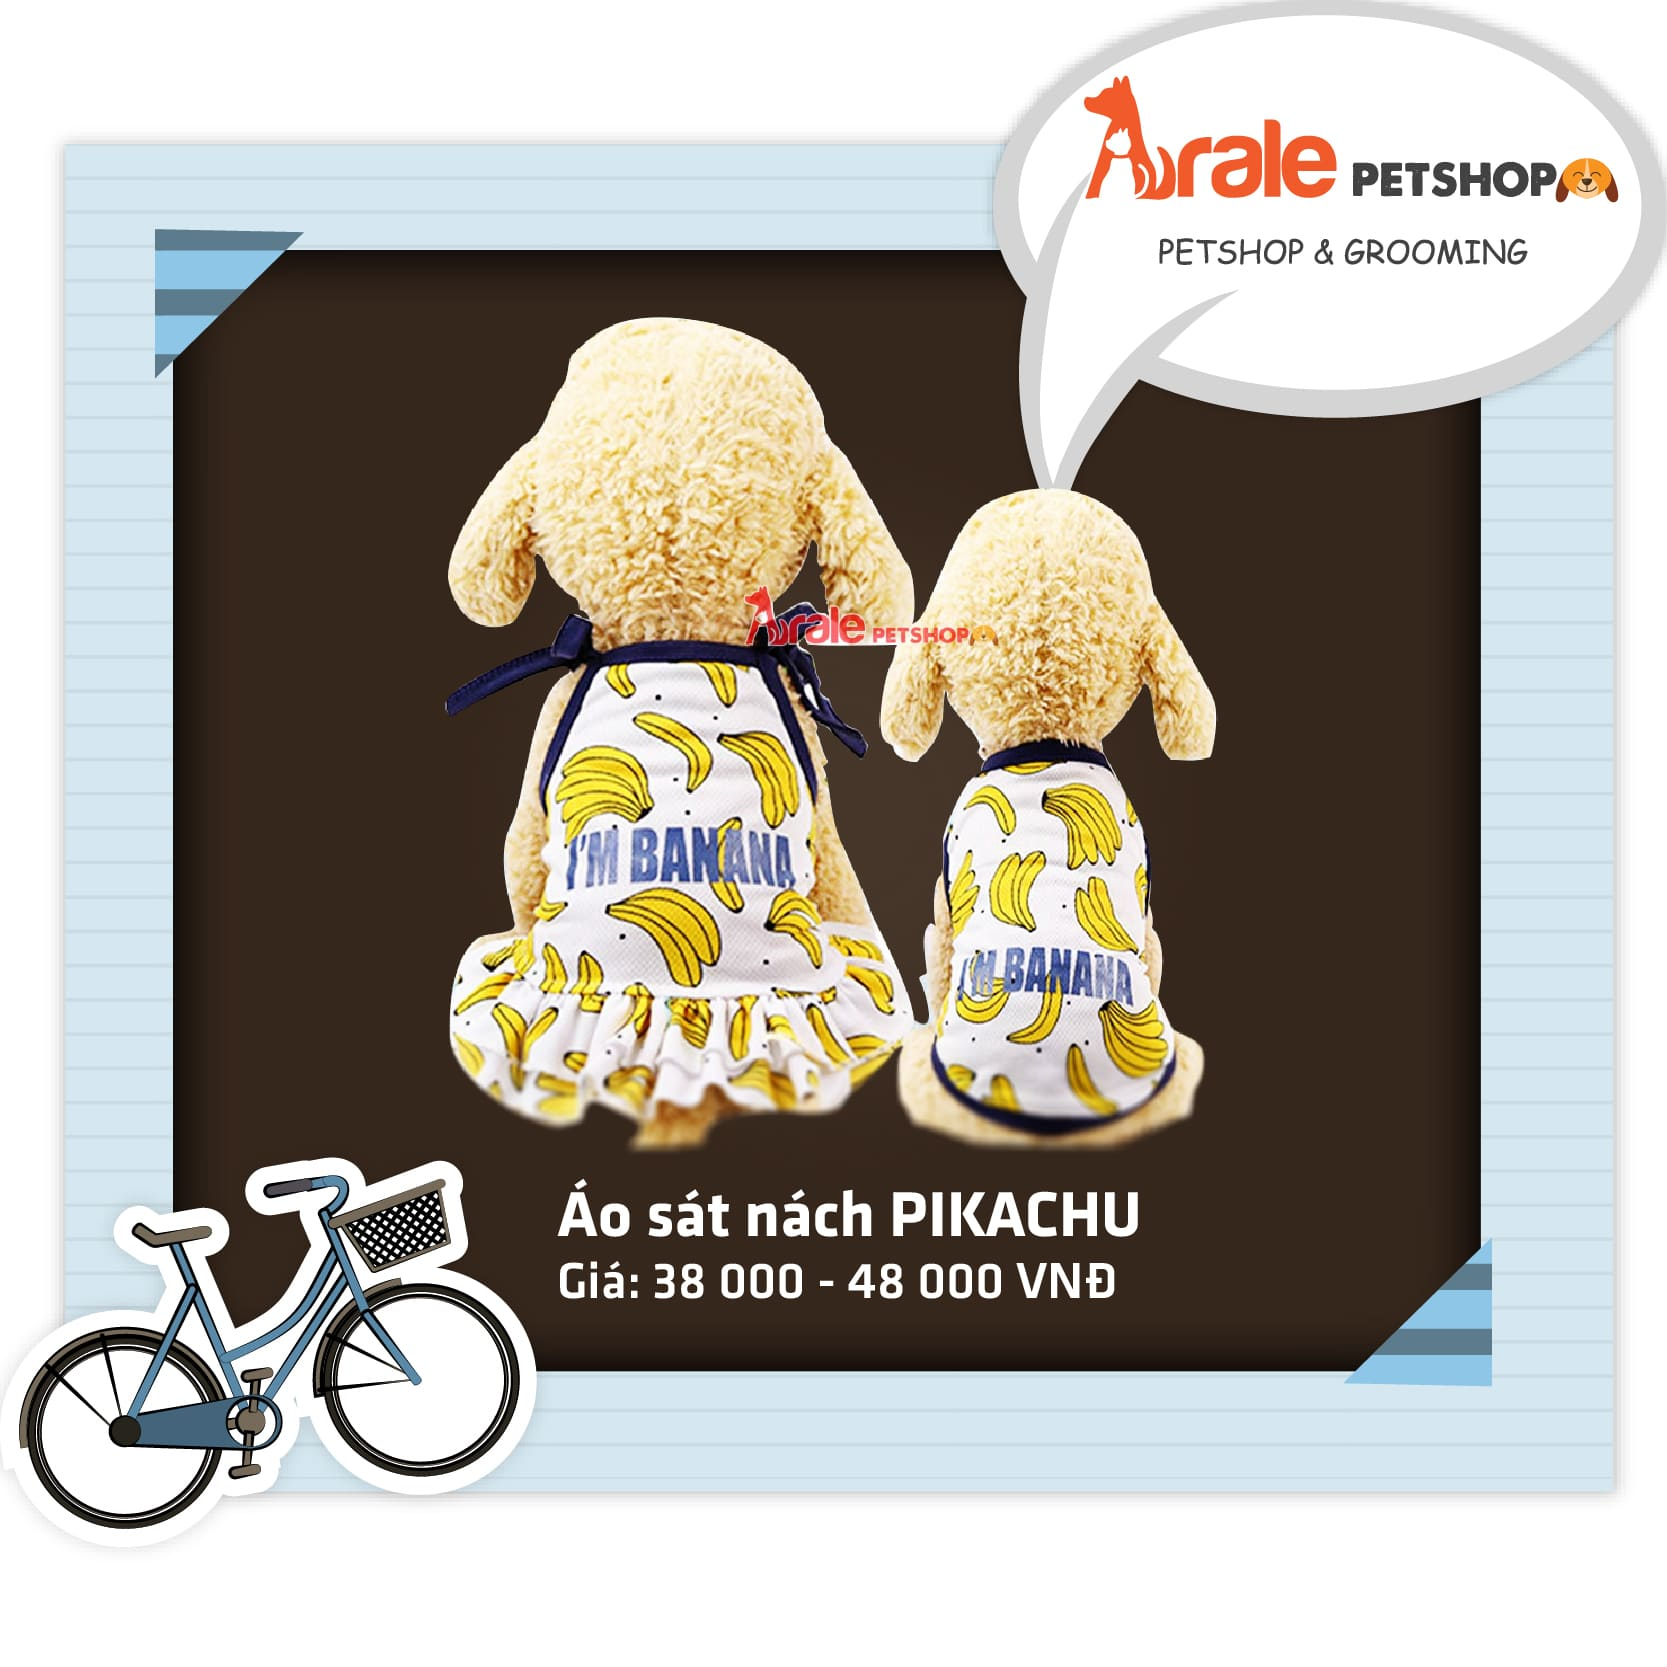 Chào hè rộn ràng cùng BỘ SƯU TẬP ÁO THUN HÈ của Arale Petshop, với nhiều hình cute, nhiều size để bạn có thể lựa chọn cho bé cún nhà mình